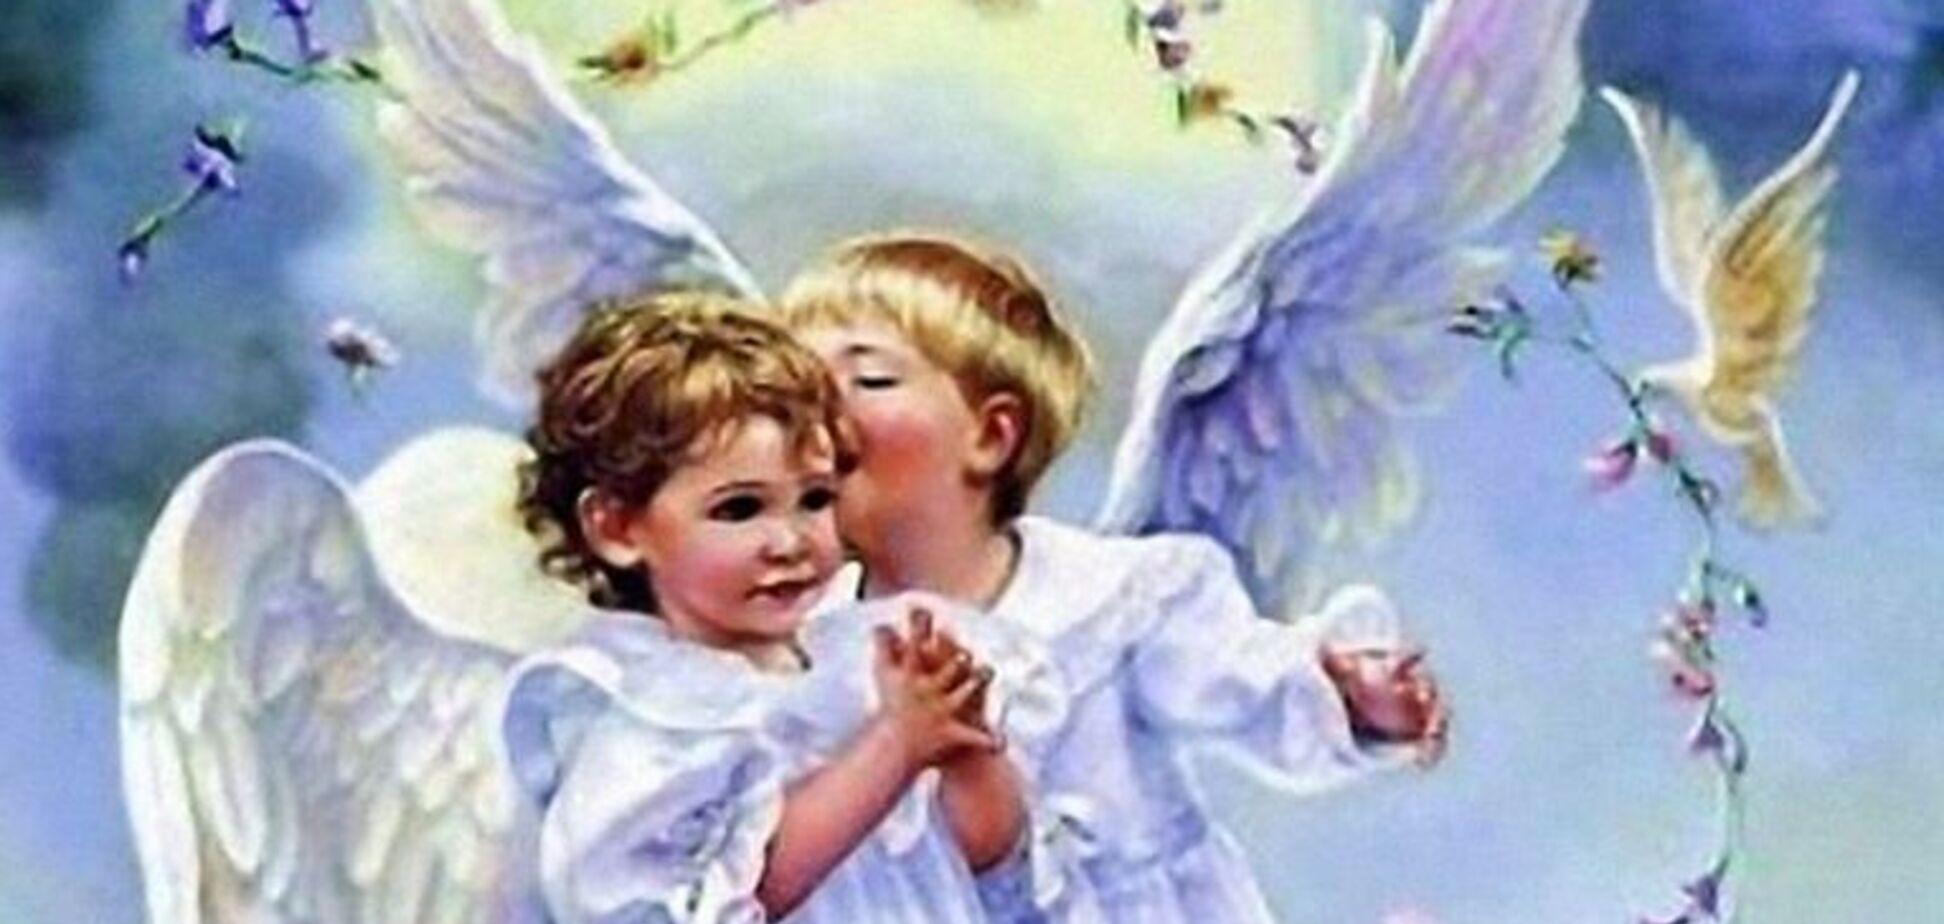 День ангела Петра: як душевно привітати зі святом. Листівки, вірші і проза